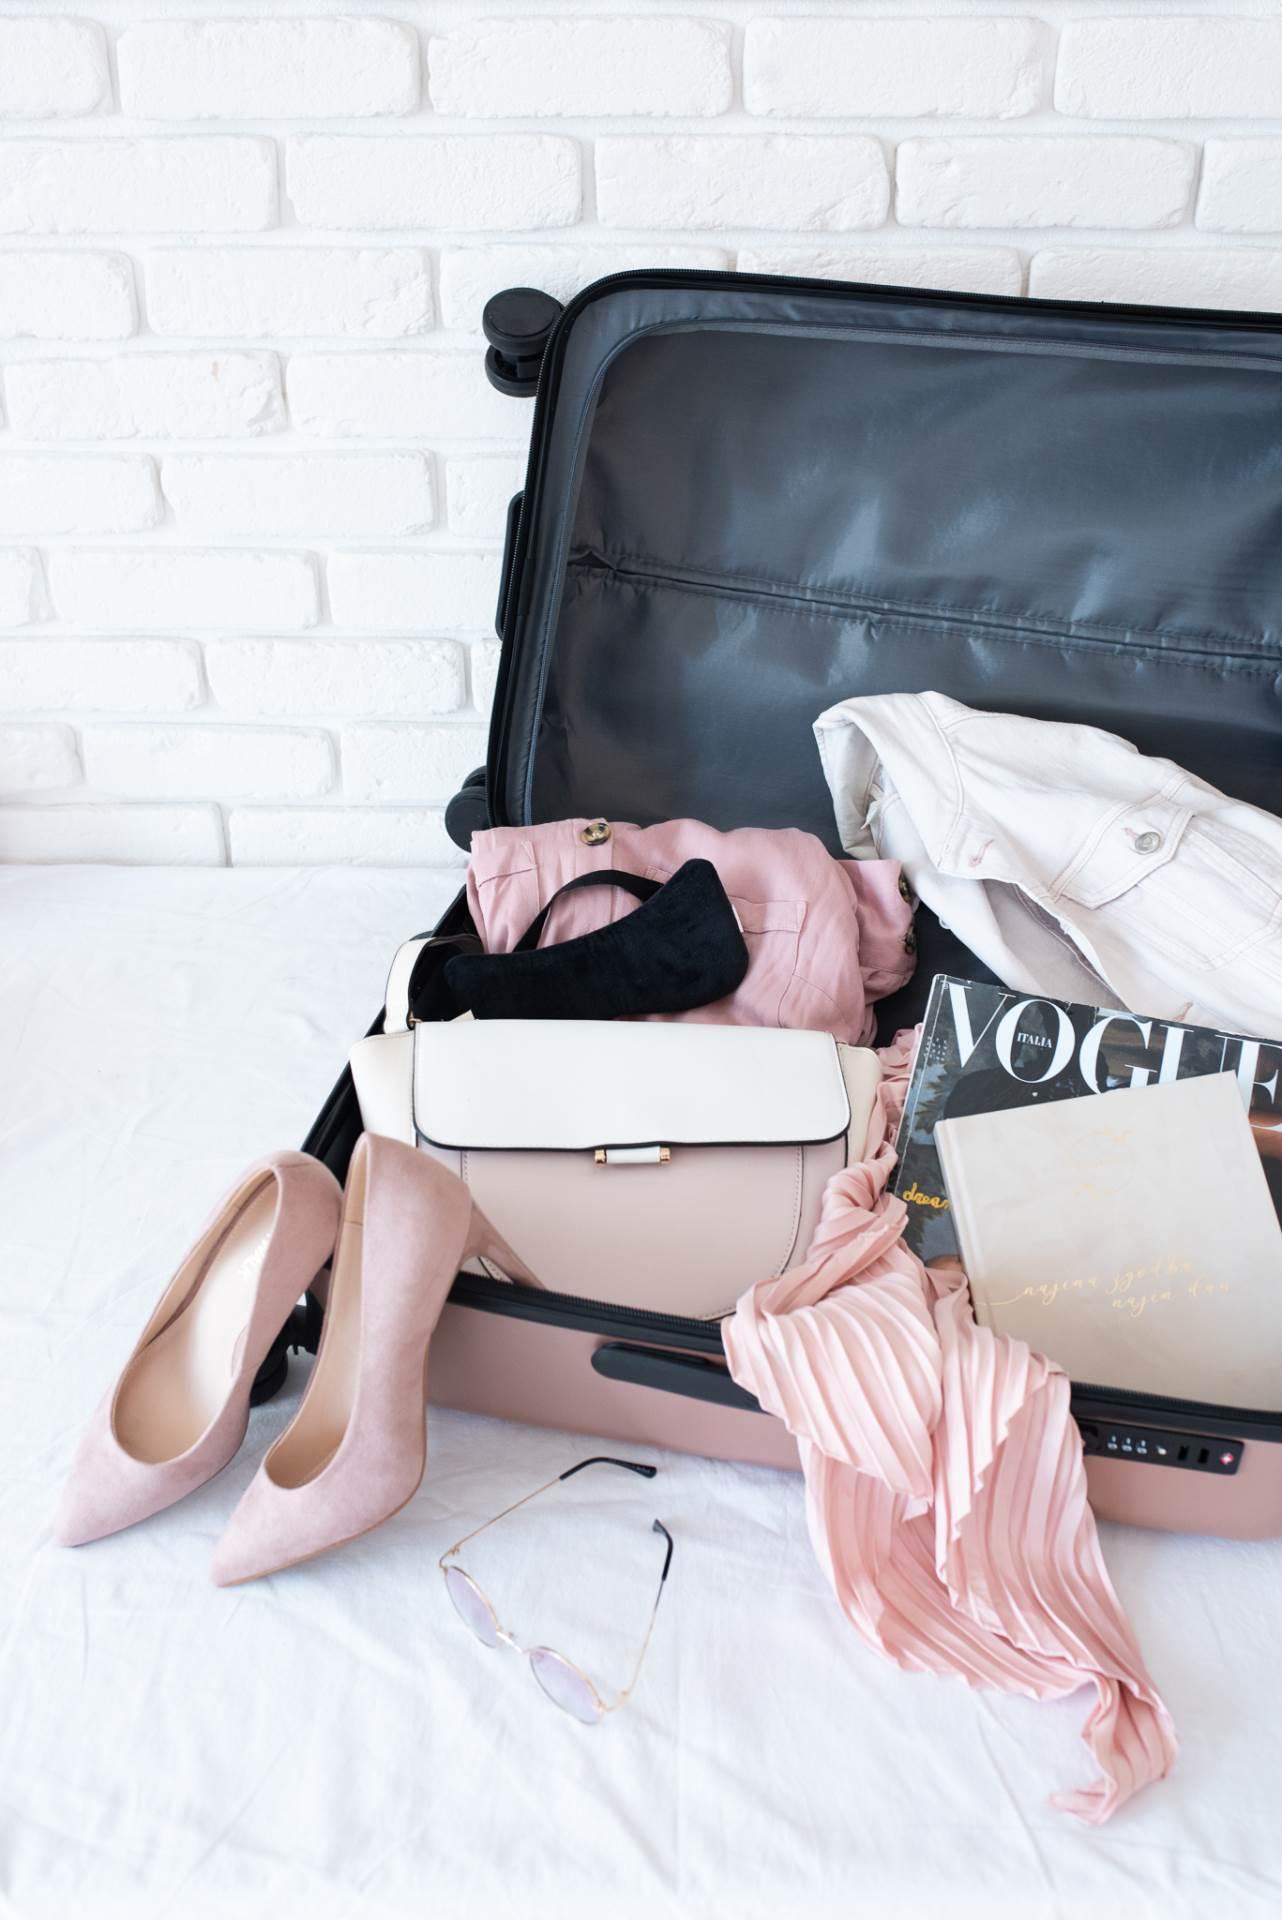 Deichmann cipele i torba